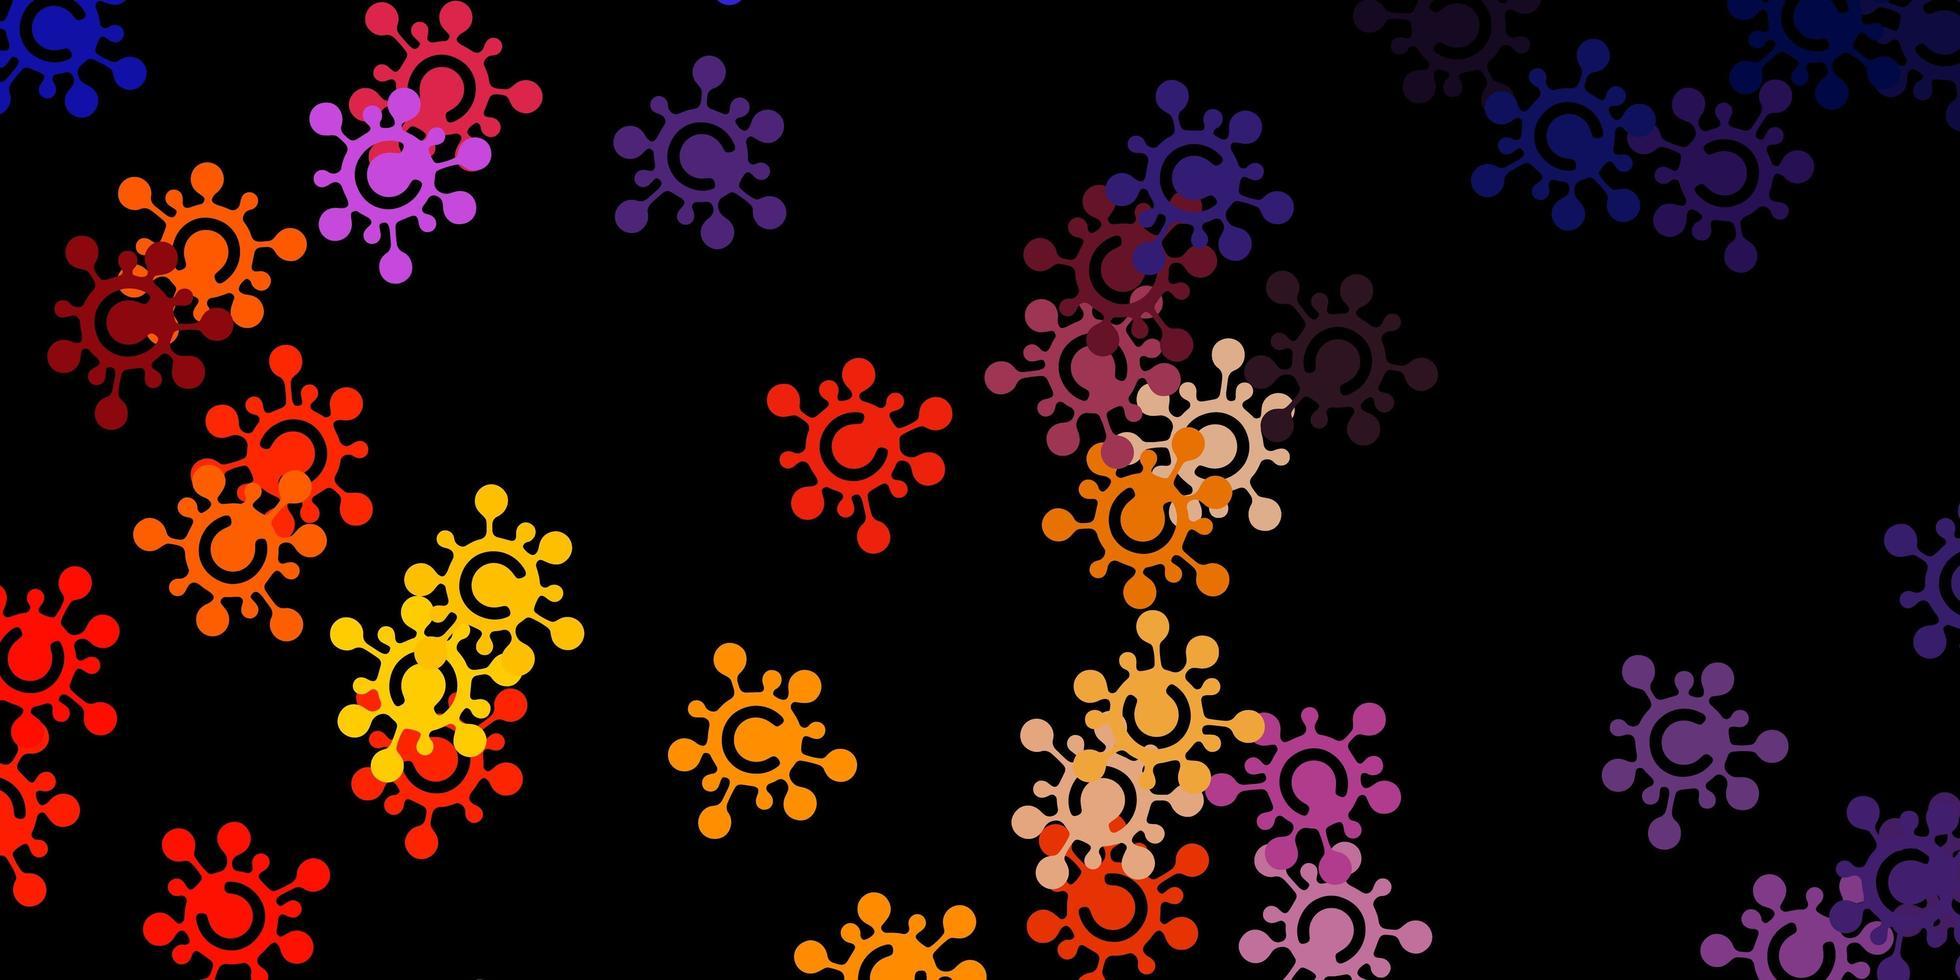 patrón de vector rosa oscuro, amarillo con elementos de coronavirus.